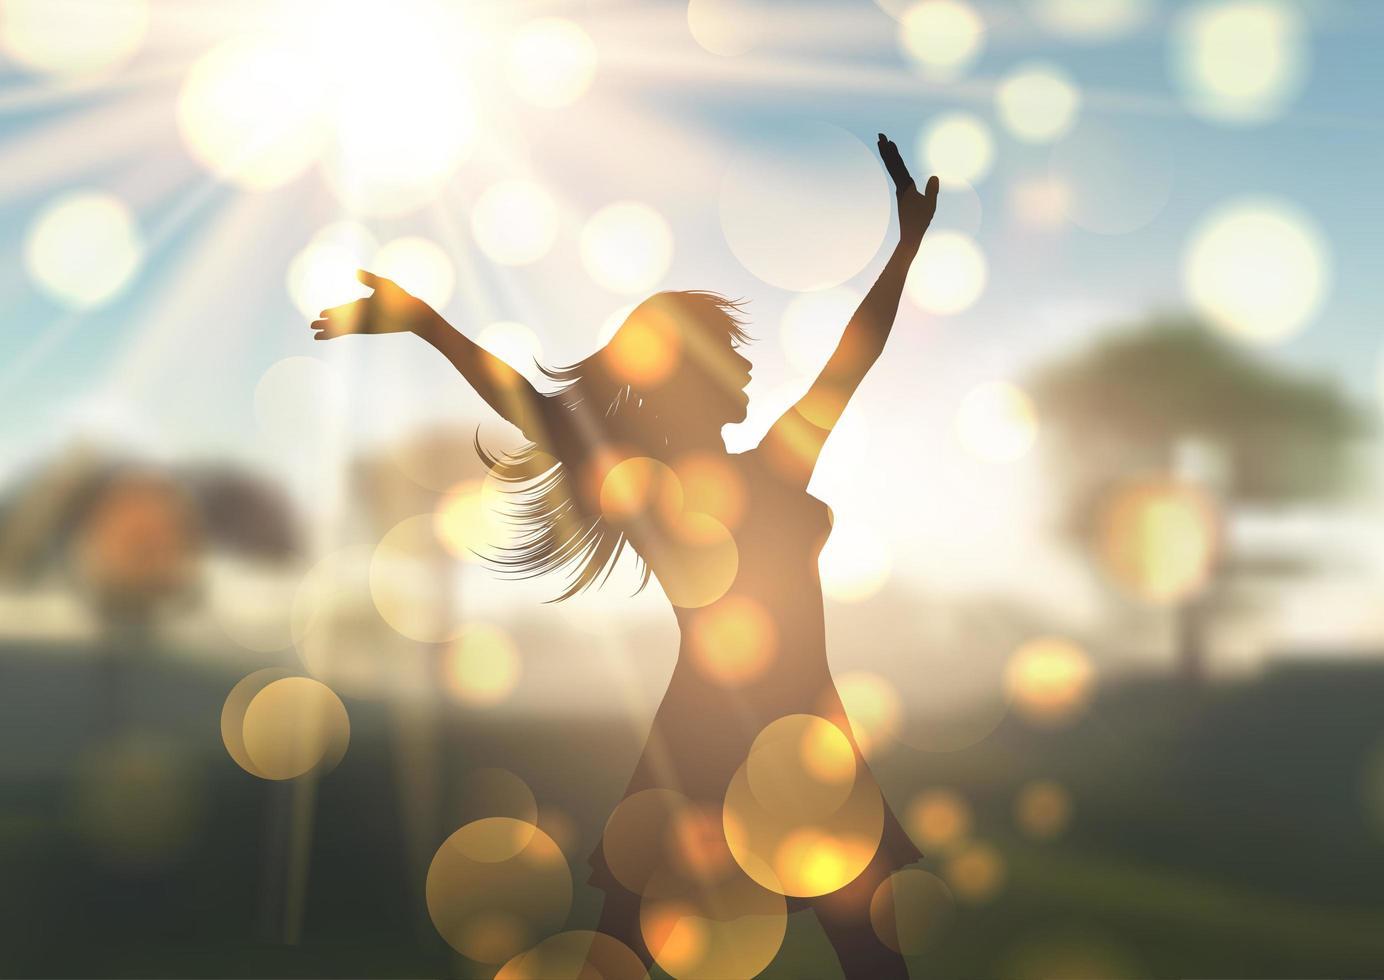 sagoma di donna contro il paesaggio sfocato illuminato dal sole vettore